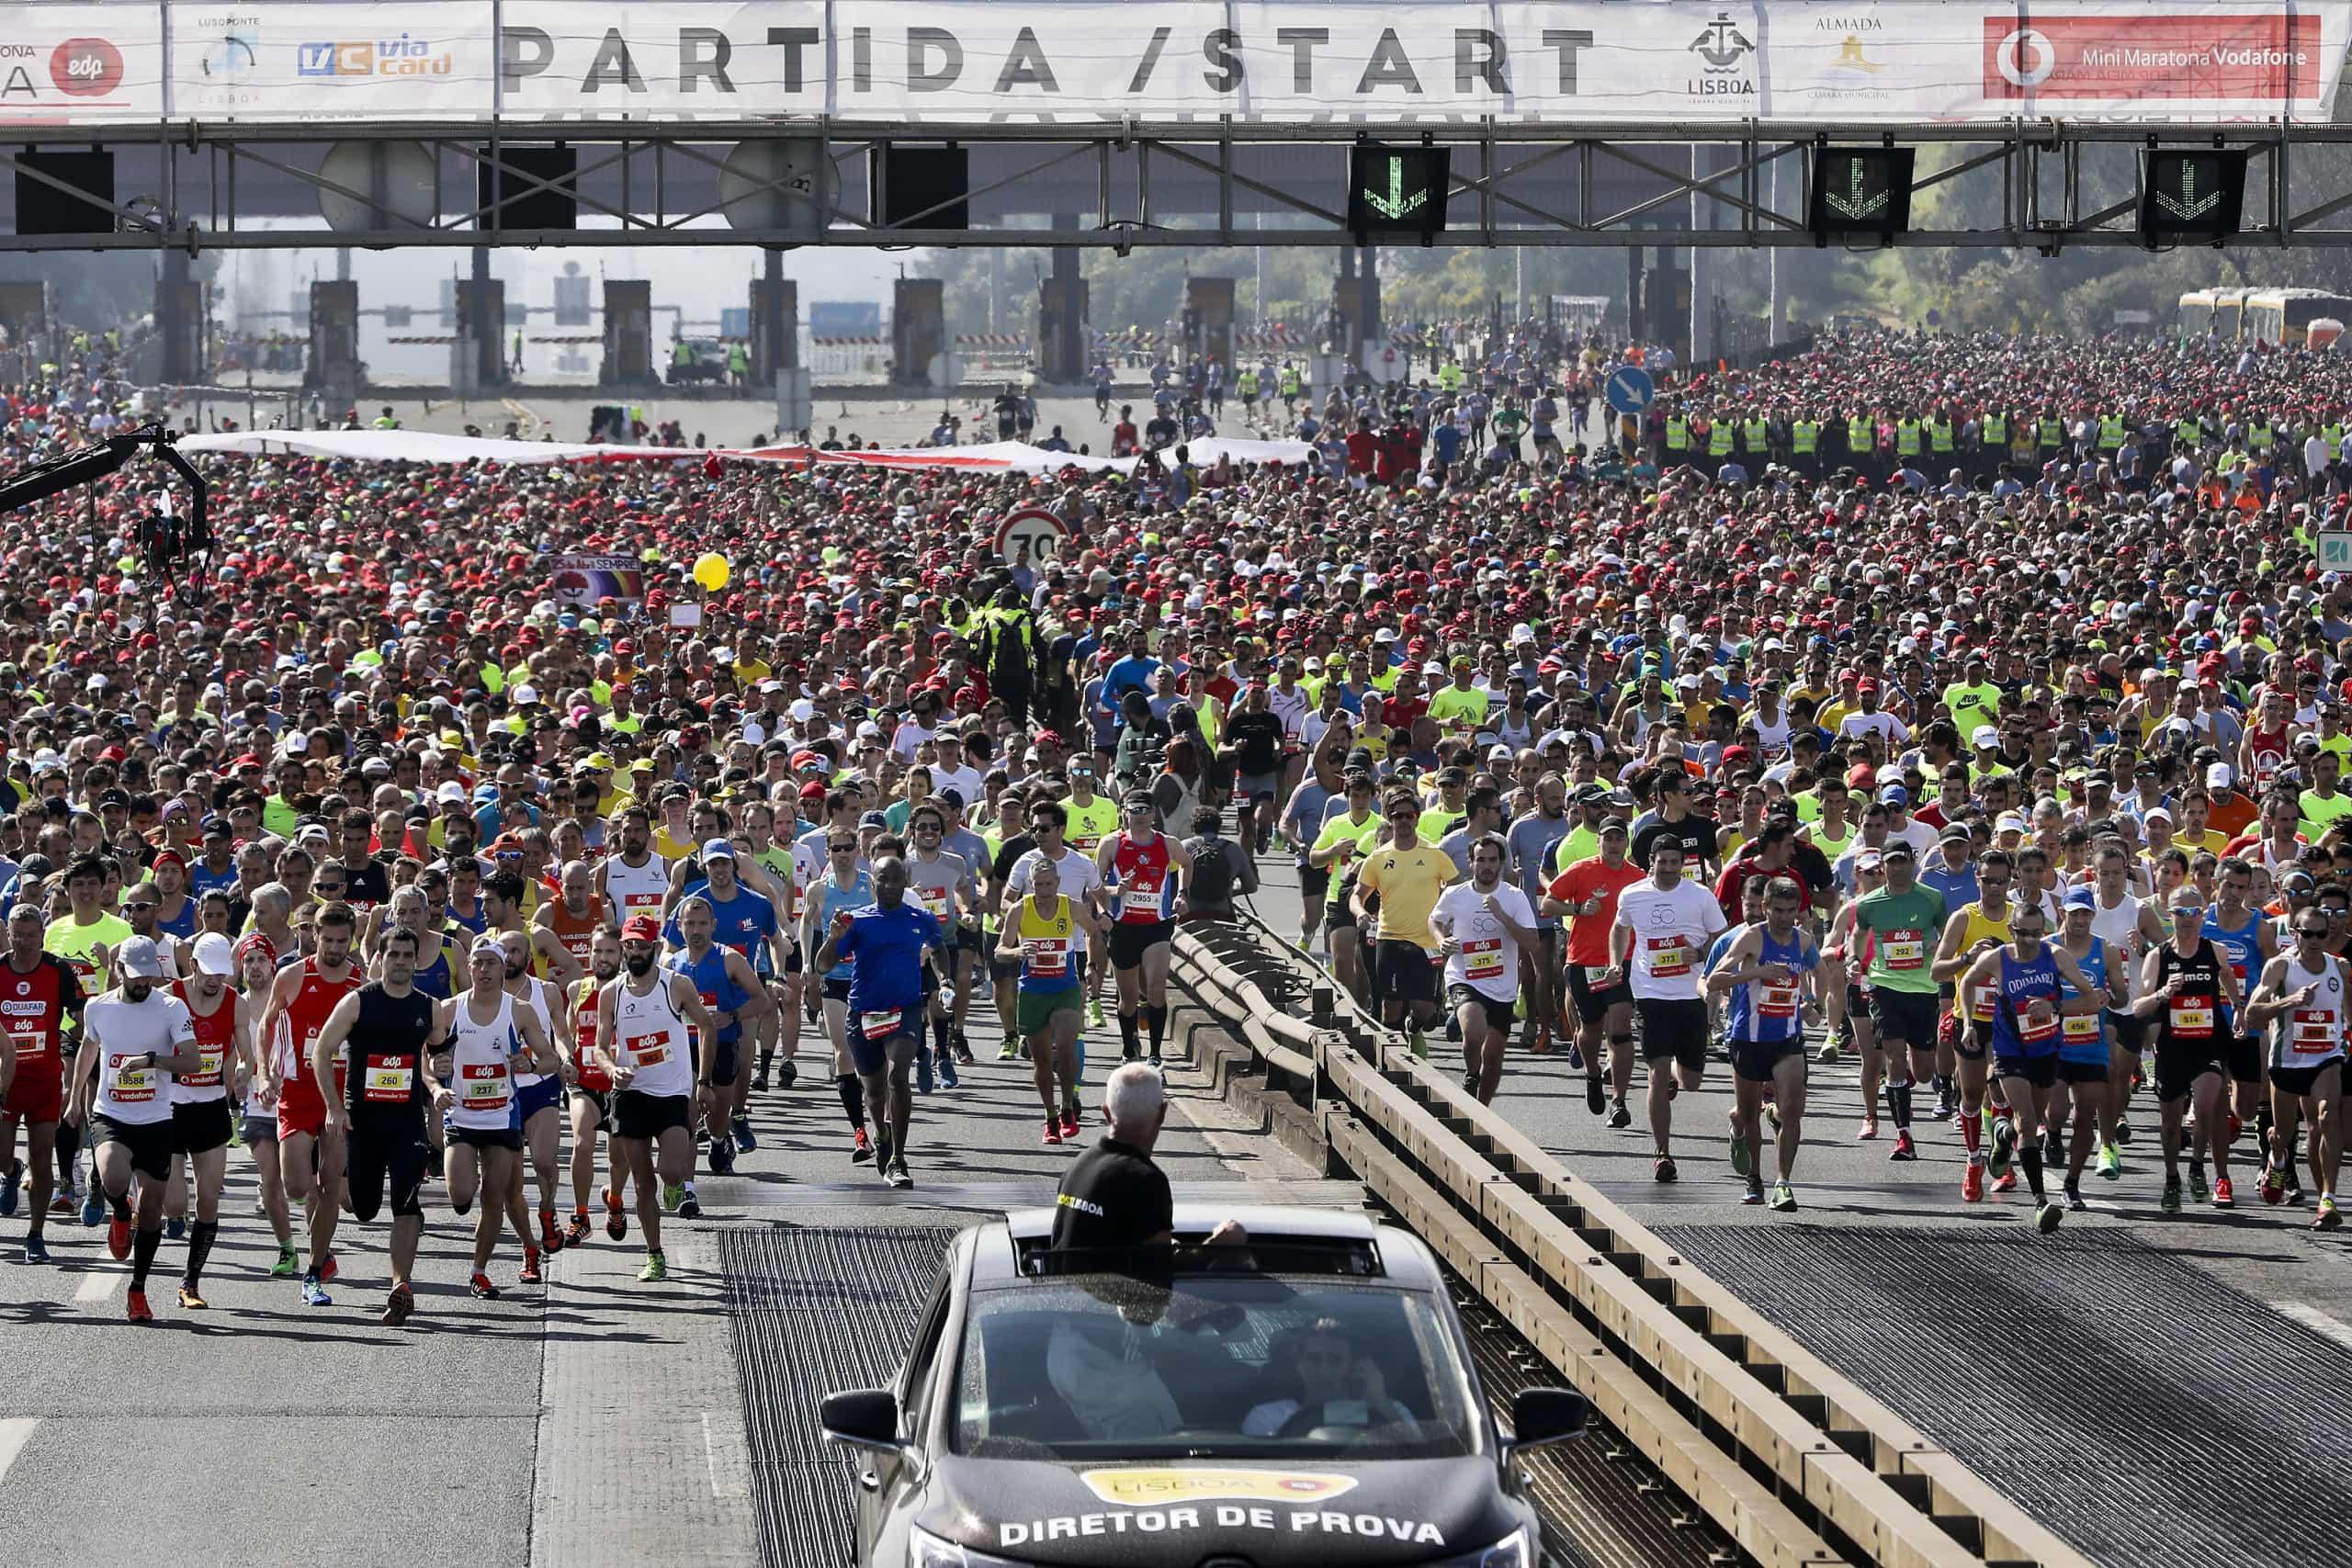 Inscrições para a meia maratona de Lisboa esgotadas